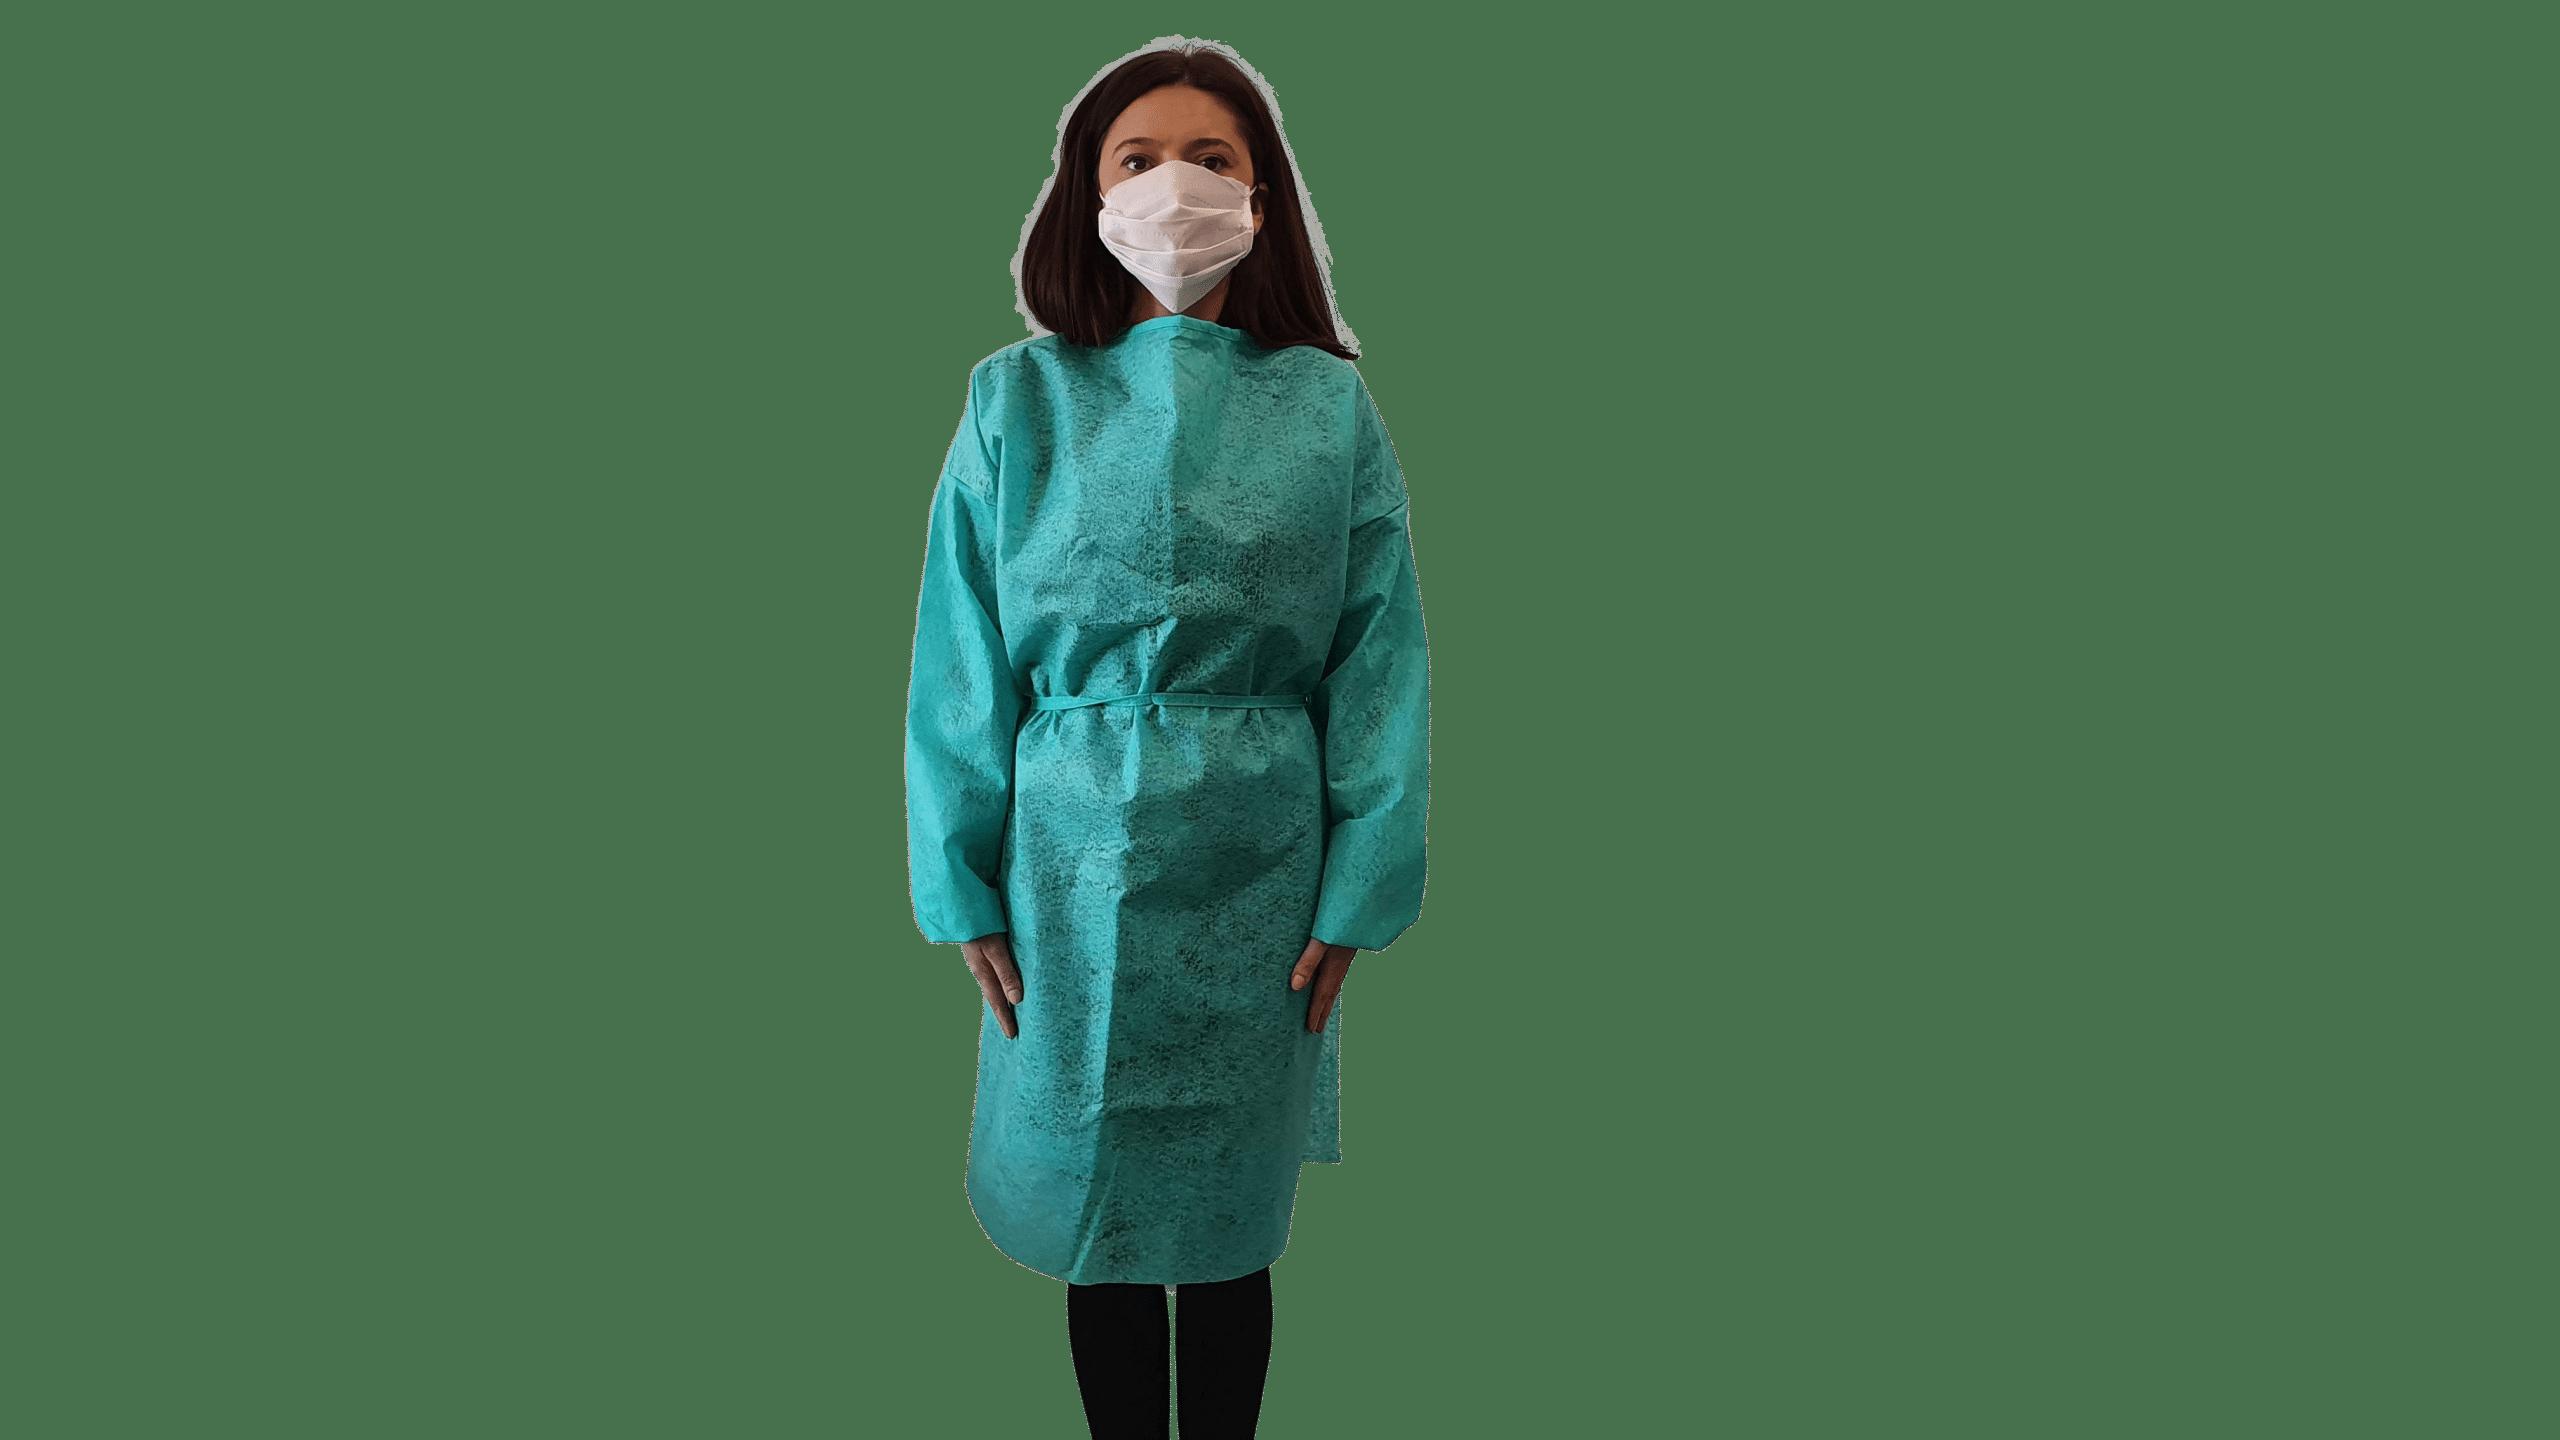 Halat Protectiv, poliester, culoare verde, autoclavabil, refolosibil - XL imagine 2021 somnart.ro